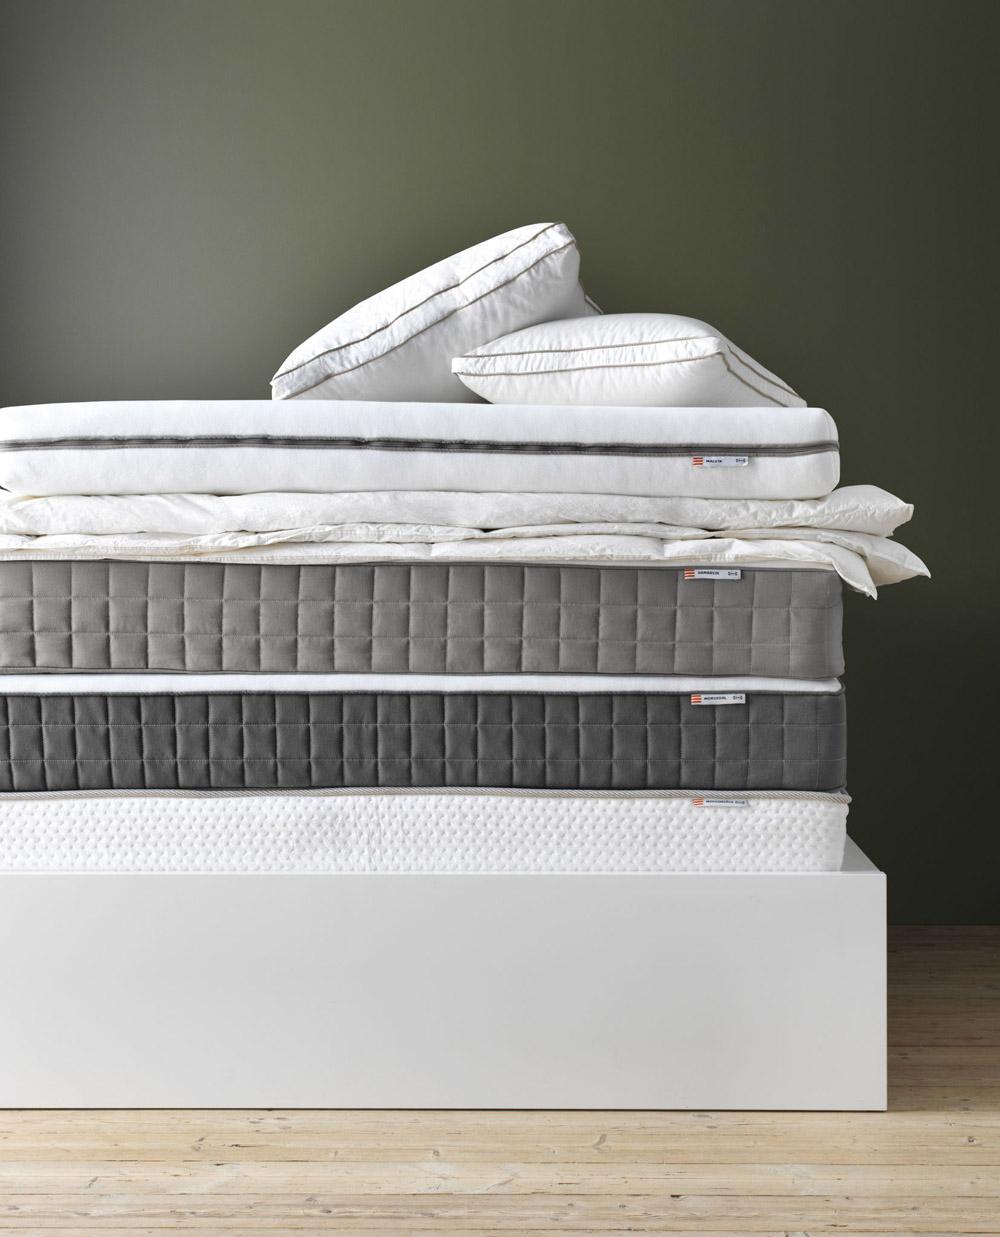 Купить матрасы для кровати в белгороде б у